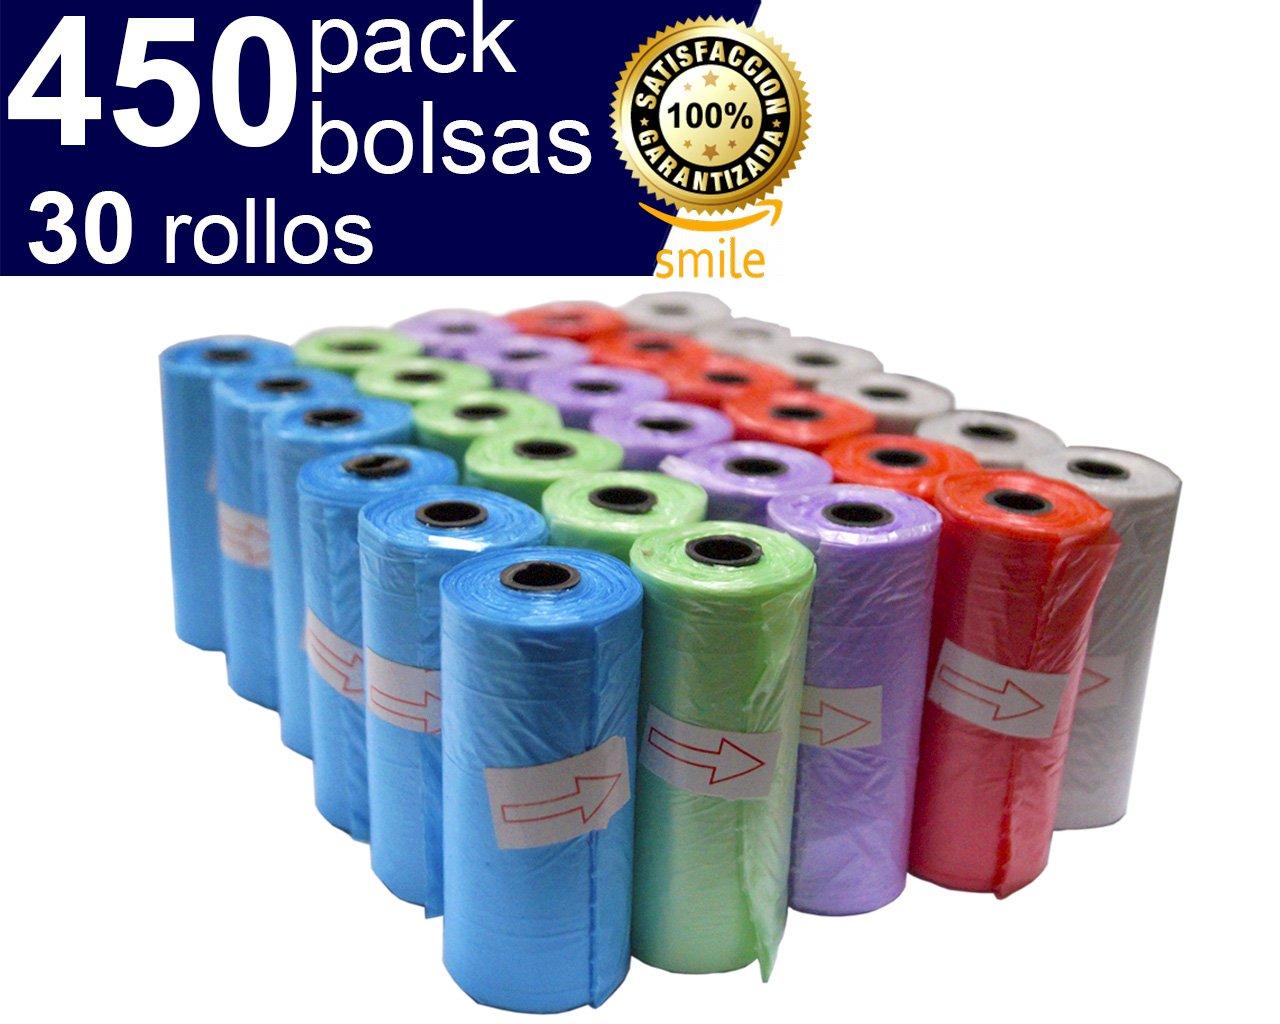 BriMix 450 Bolsas para excrementos de perros Color SURTIDO. Fá cil de separar. 30 rollos x 15 bolsas/rollo. Poop bags para recoger la caca de su perro o heces de las mascotas. Tamañ o Grande